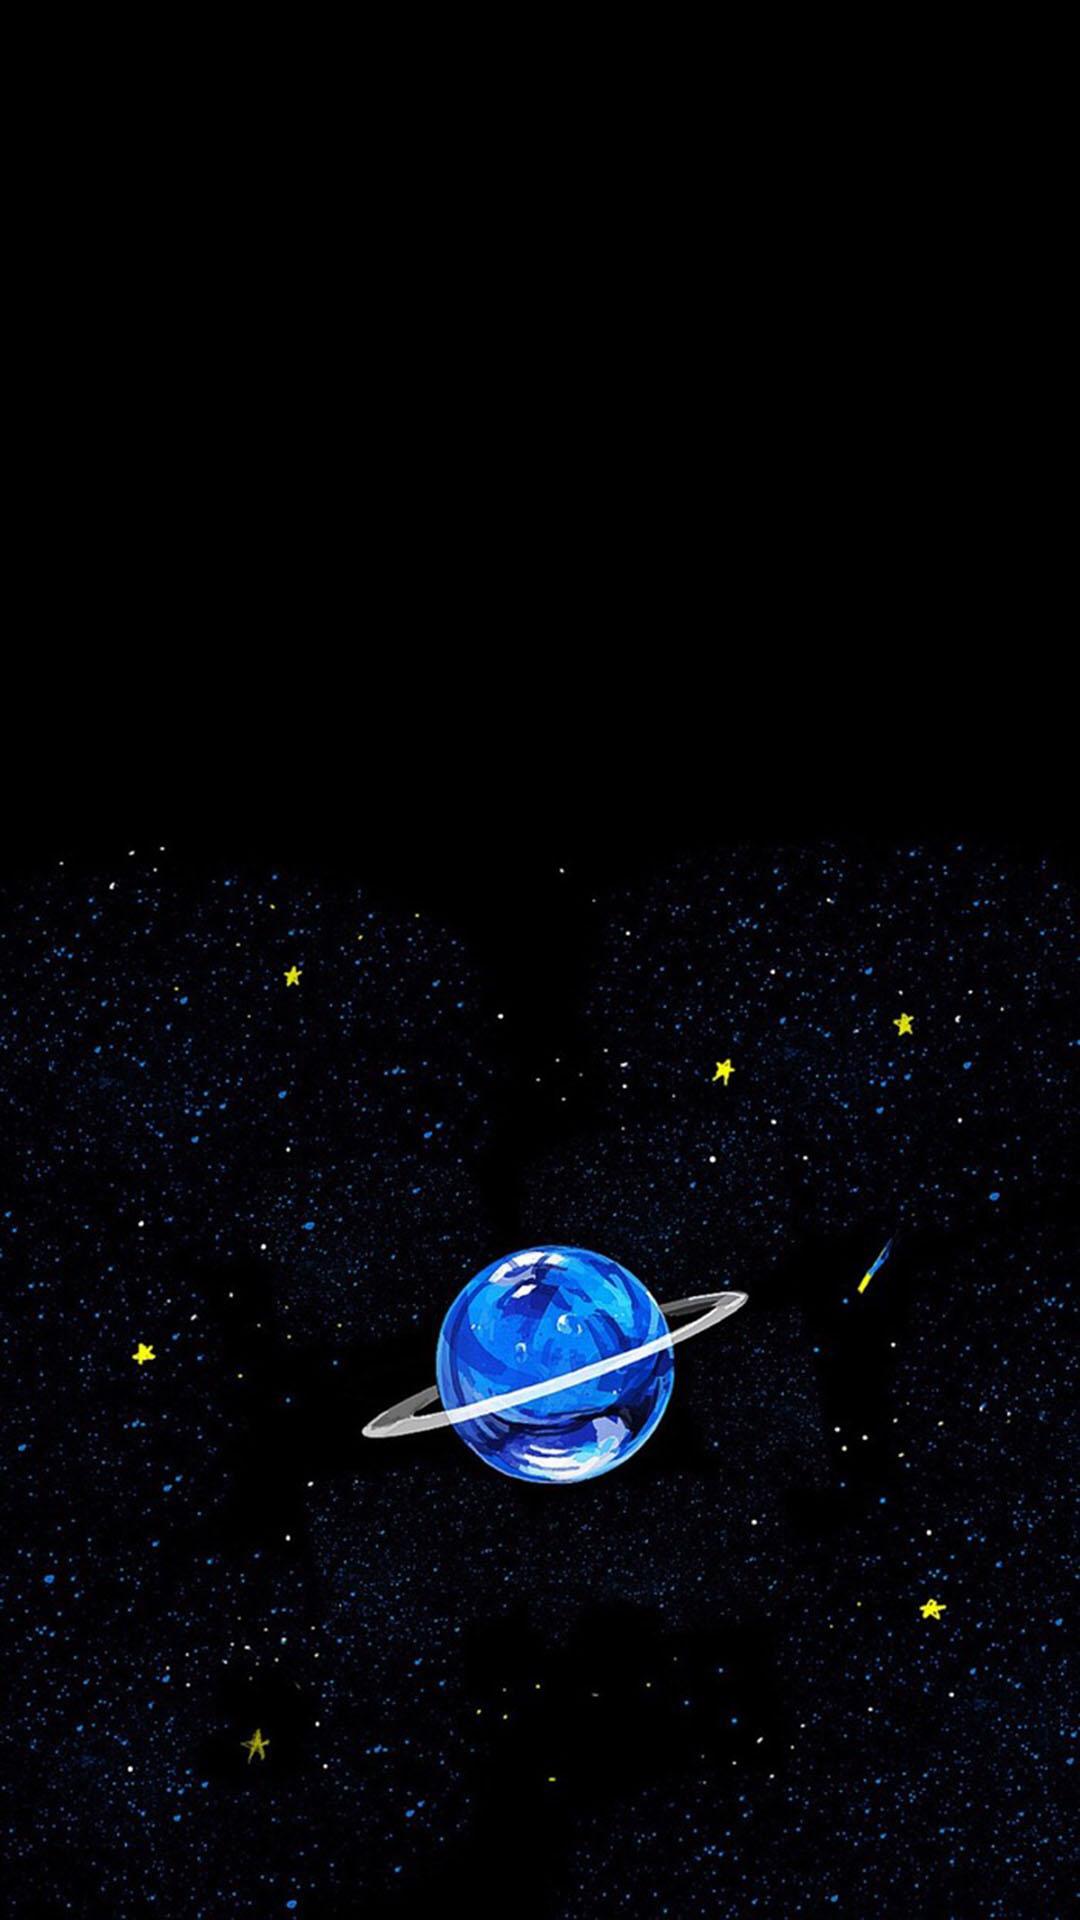 星空 手绘小行星